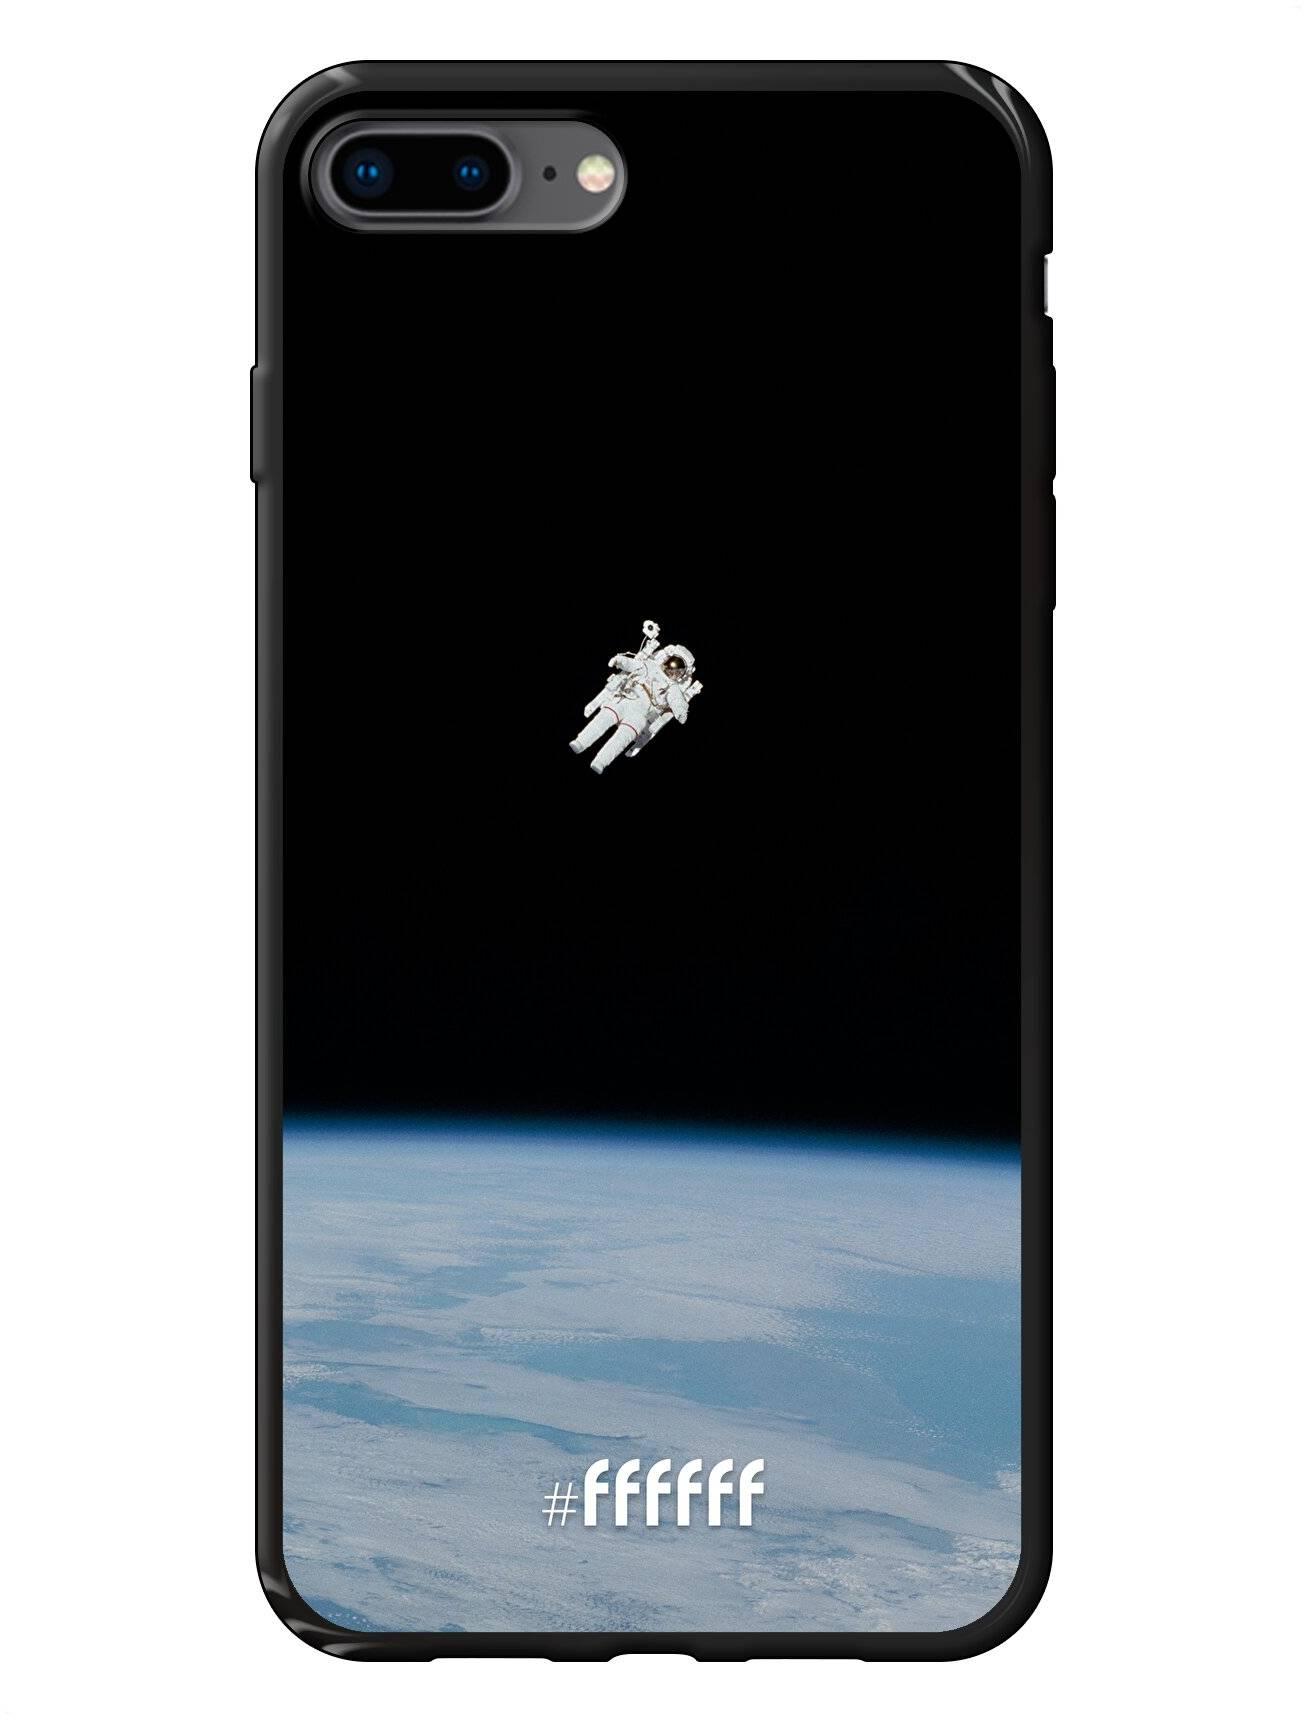 Spacewalk iPhone 7 Plus